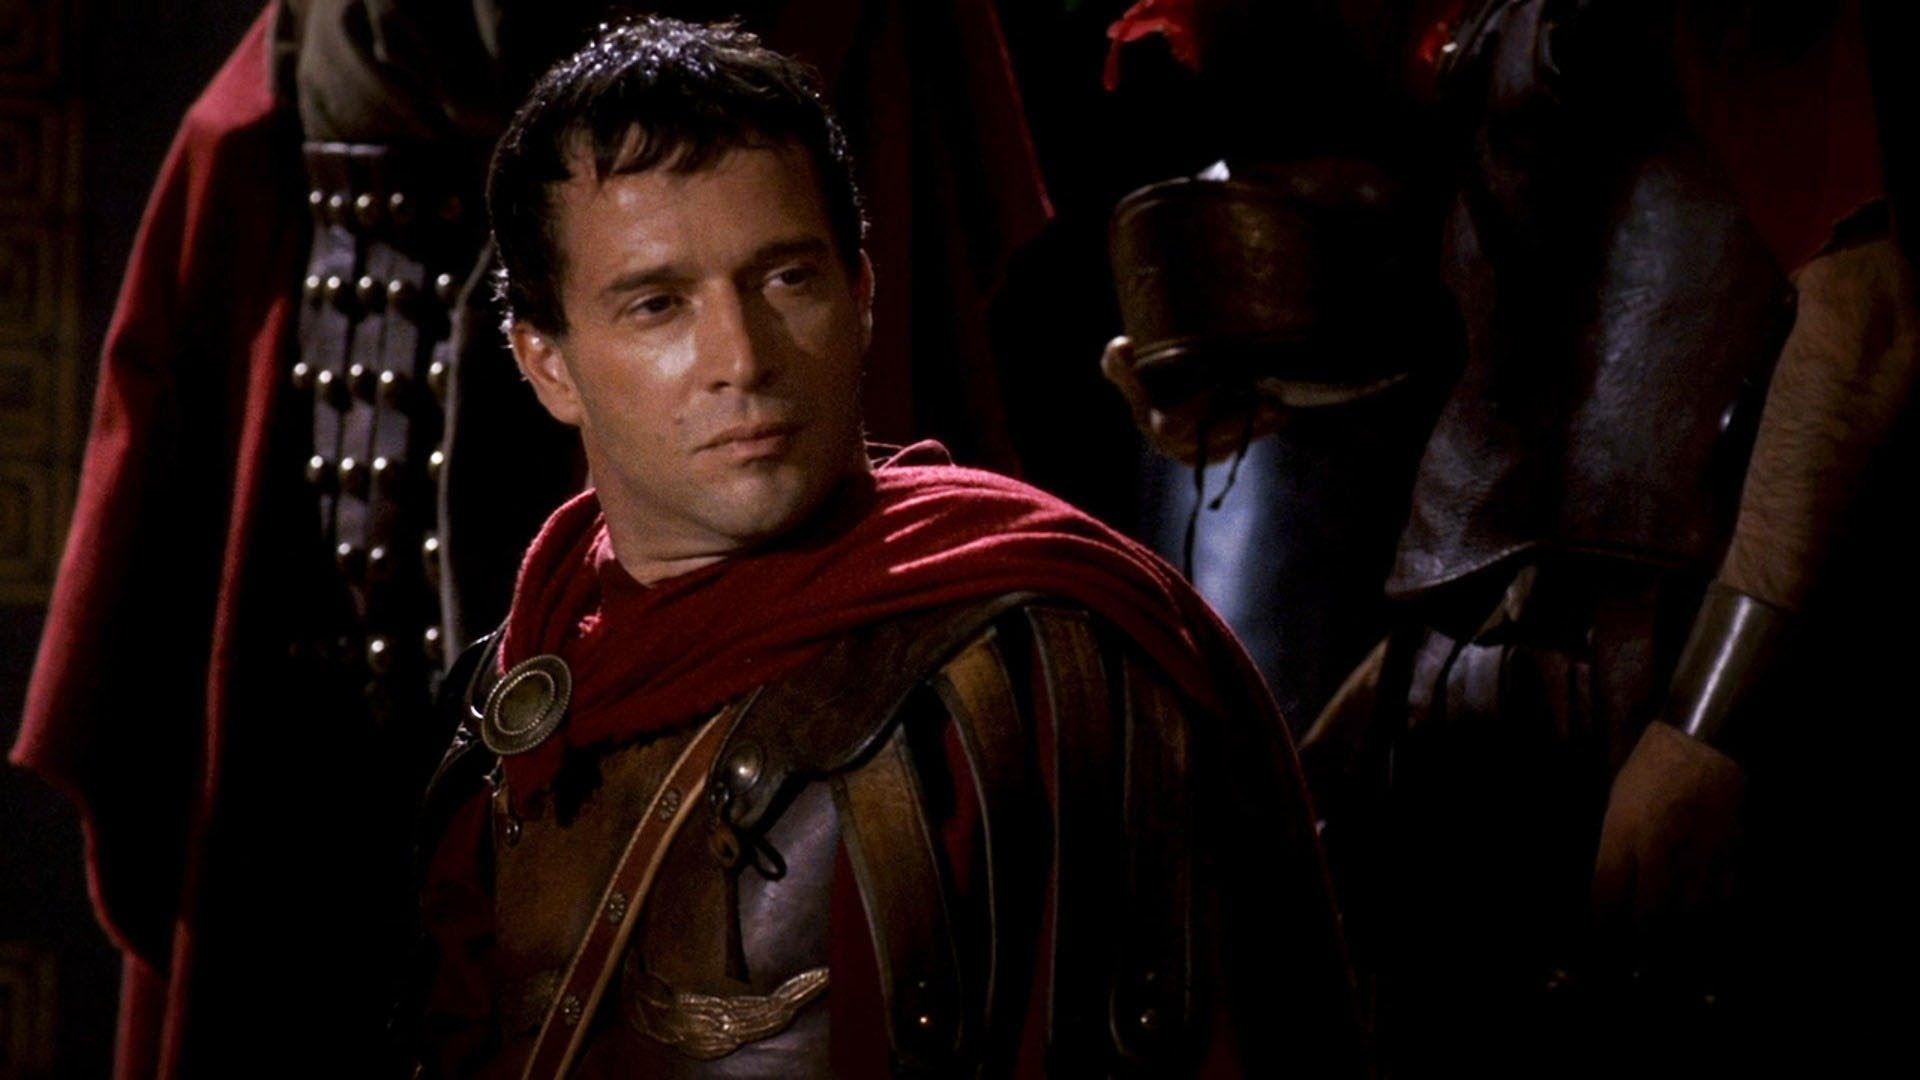 James Purefoy en el papel de Marco Antonio. Roma (2005.2007)